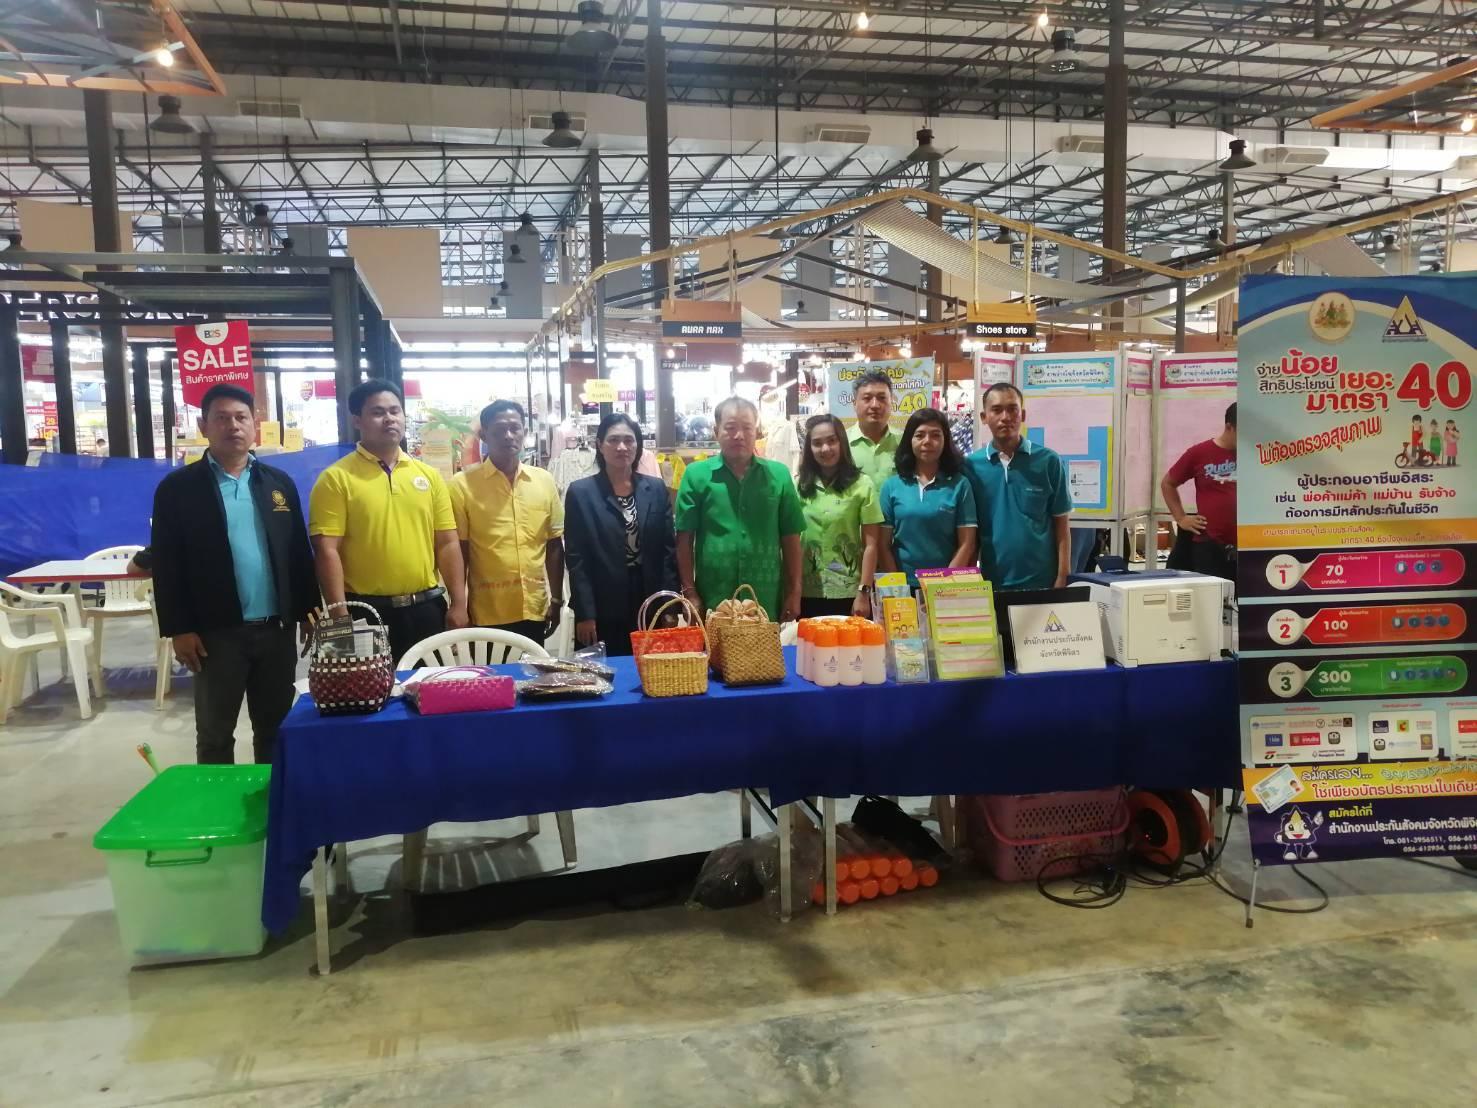 สจจ.พิจิตร จัดงานนัดพบแรงงาน ครั้งที่ 2/2563 ณ ศูนย์การค้า Tops Plaza Phichit